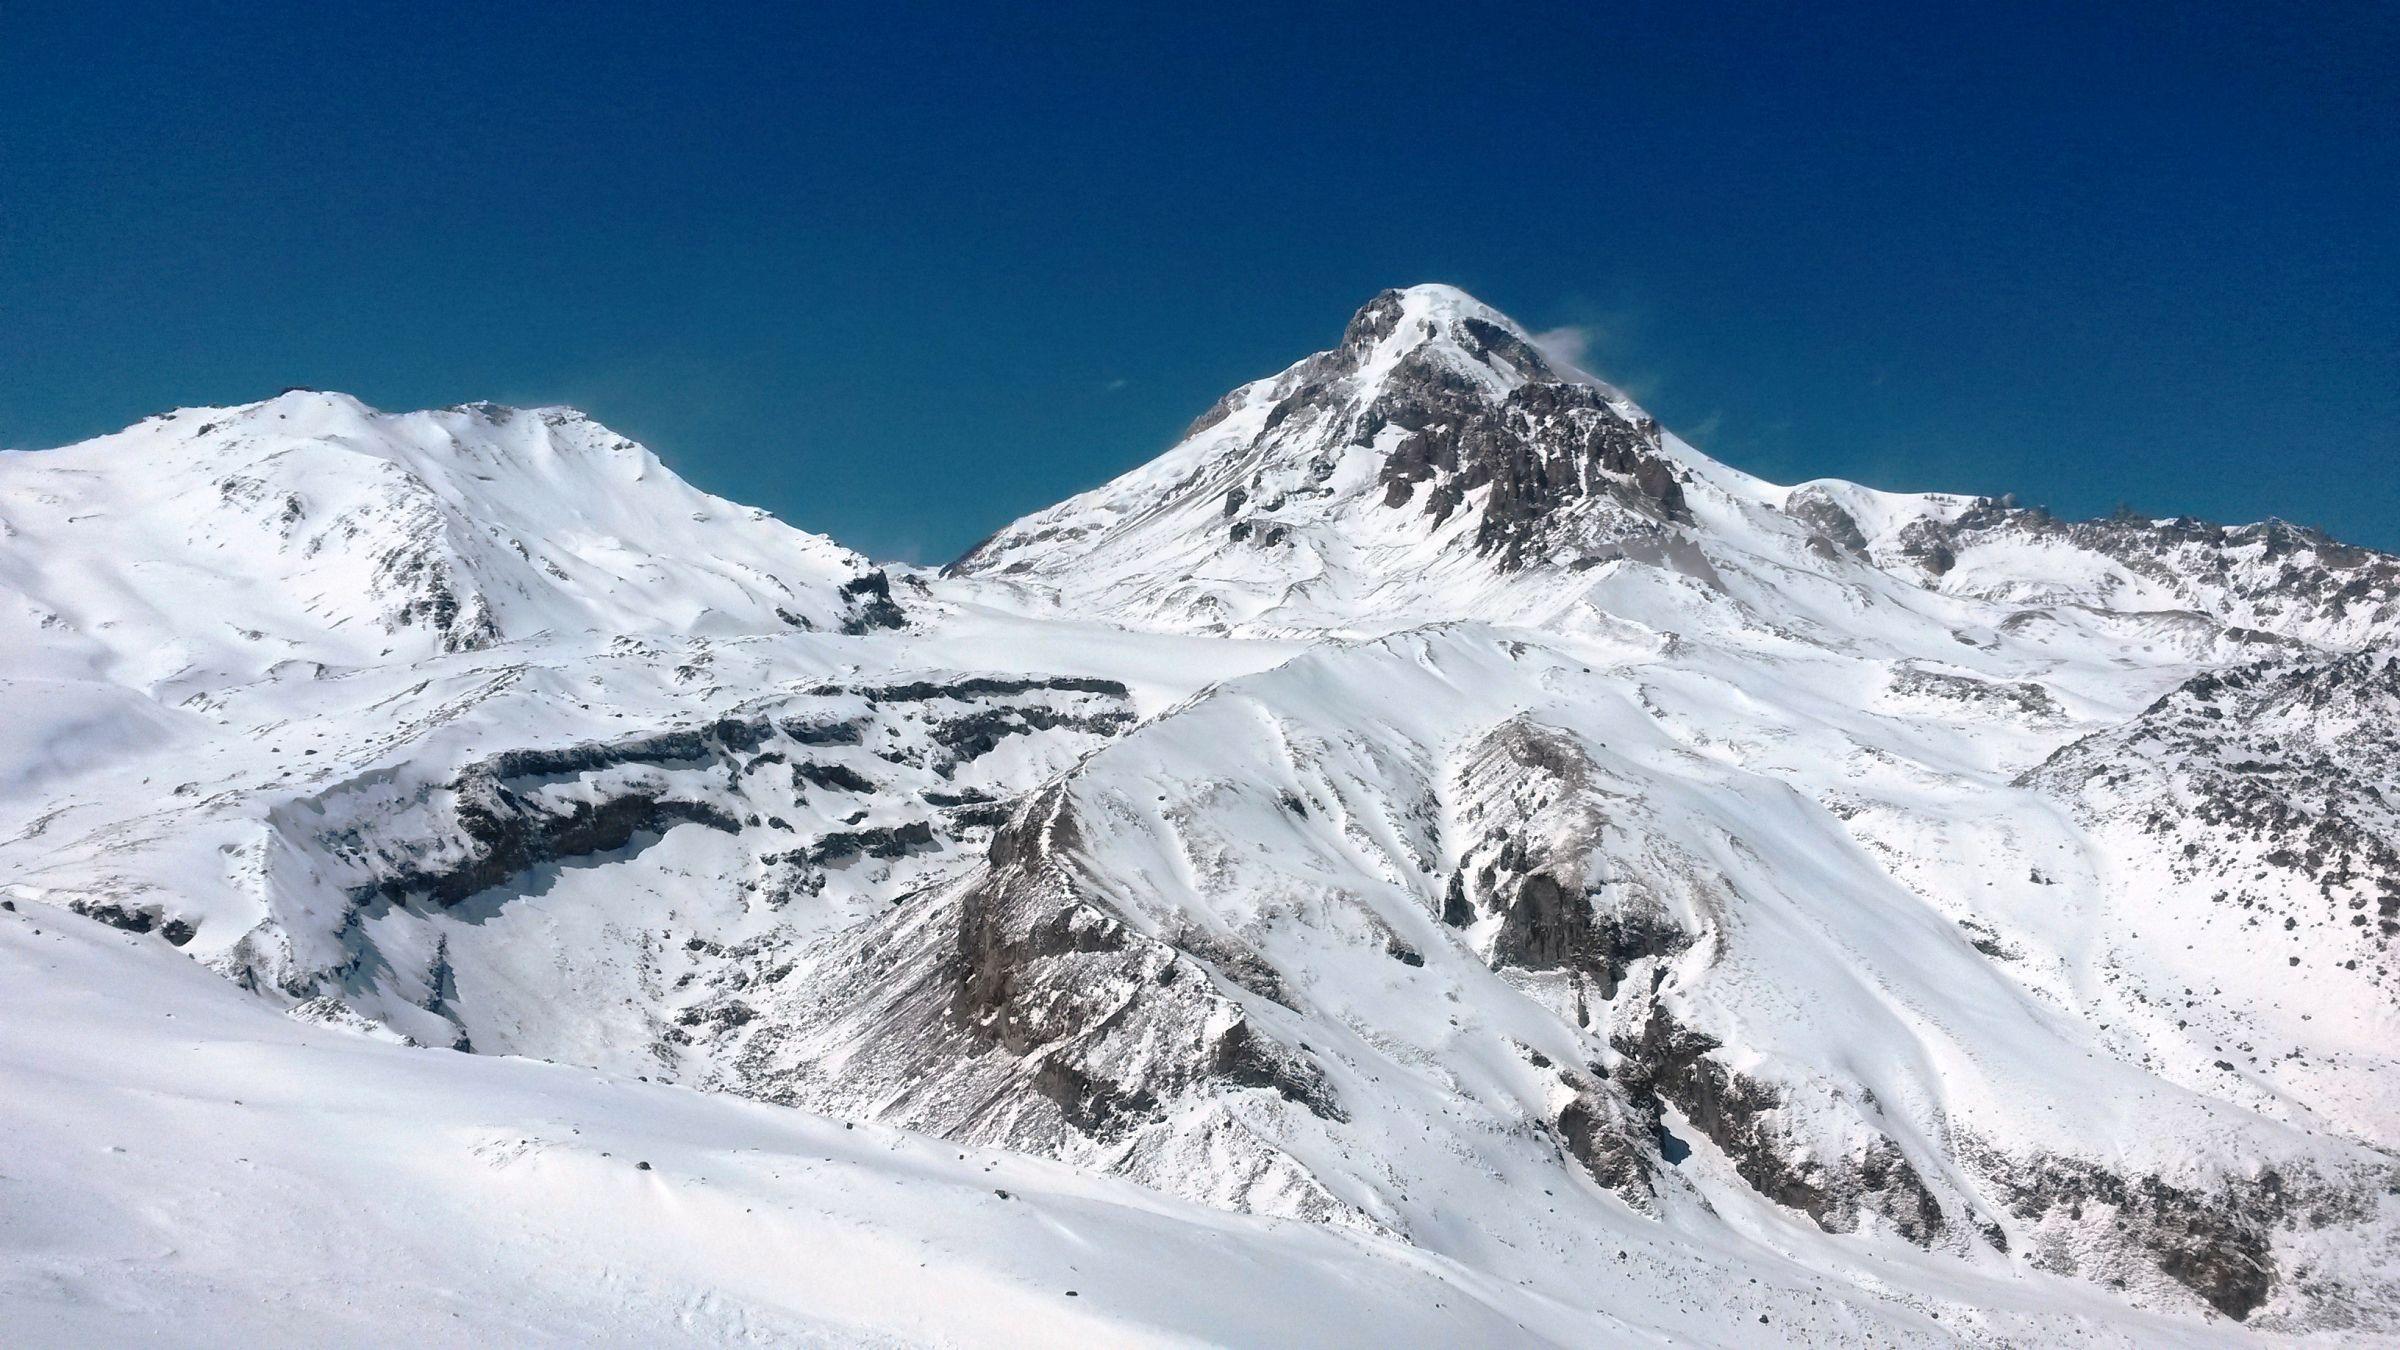 Ски-тур на Казбеке: гора